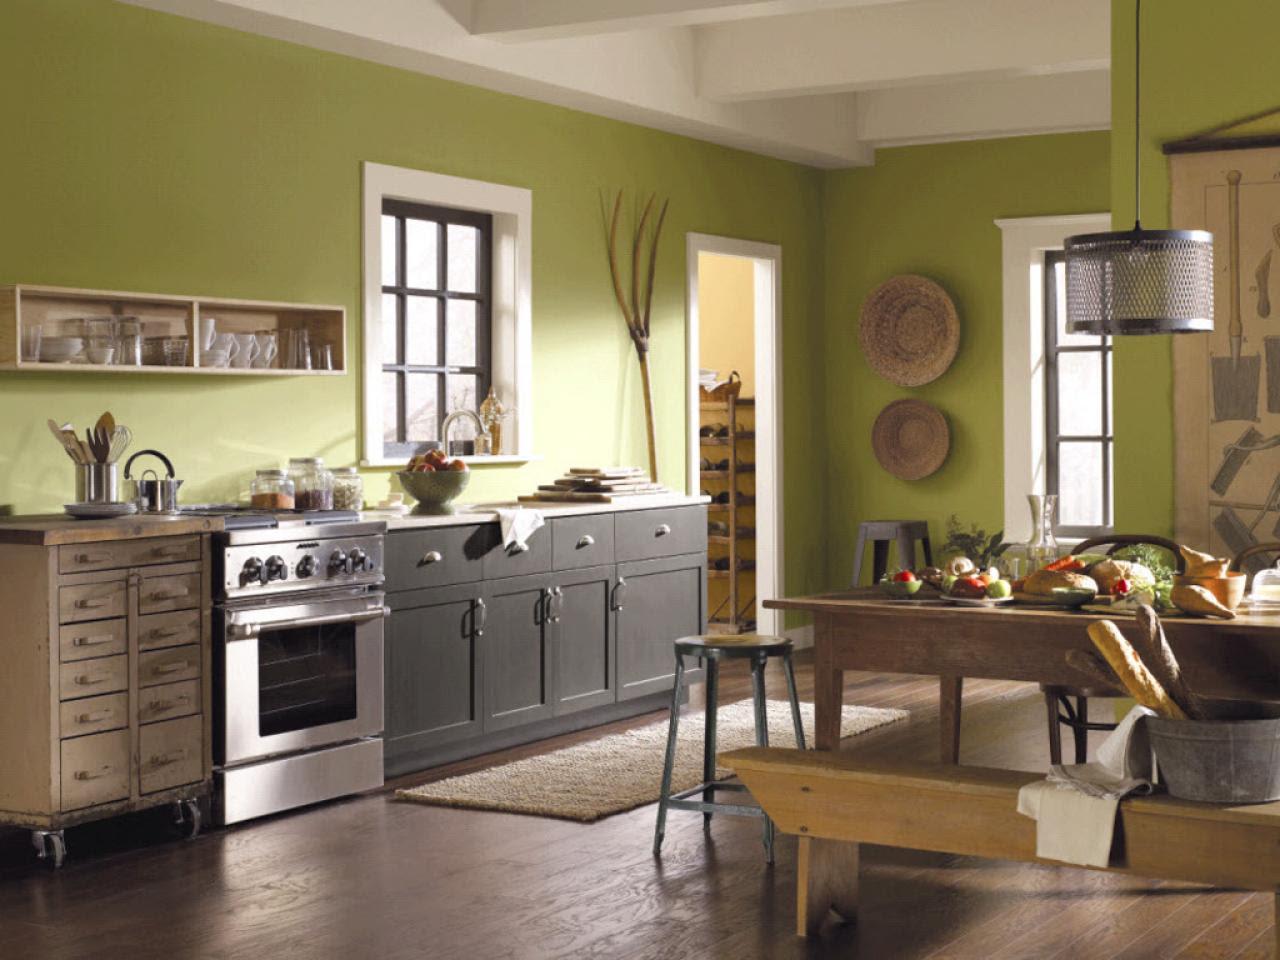 green kitchen paint colors_4x3